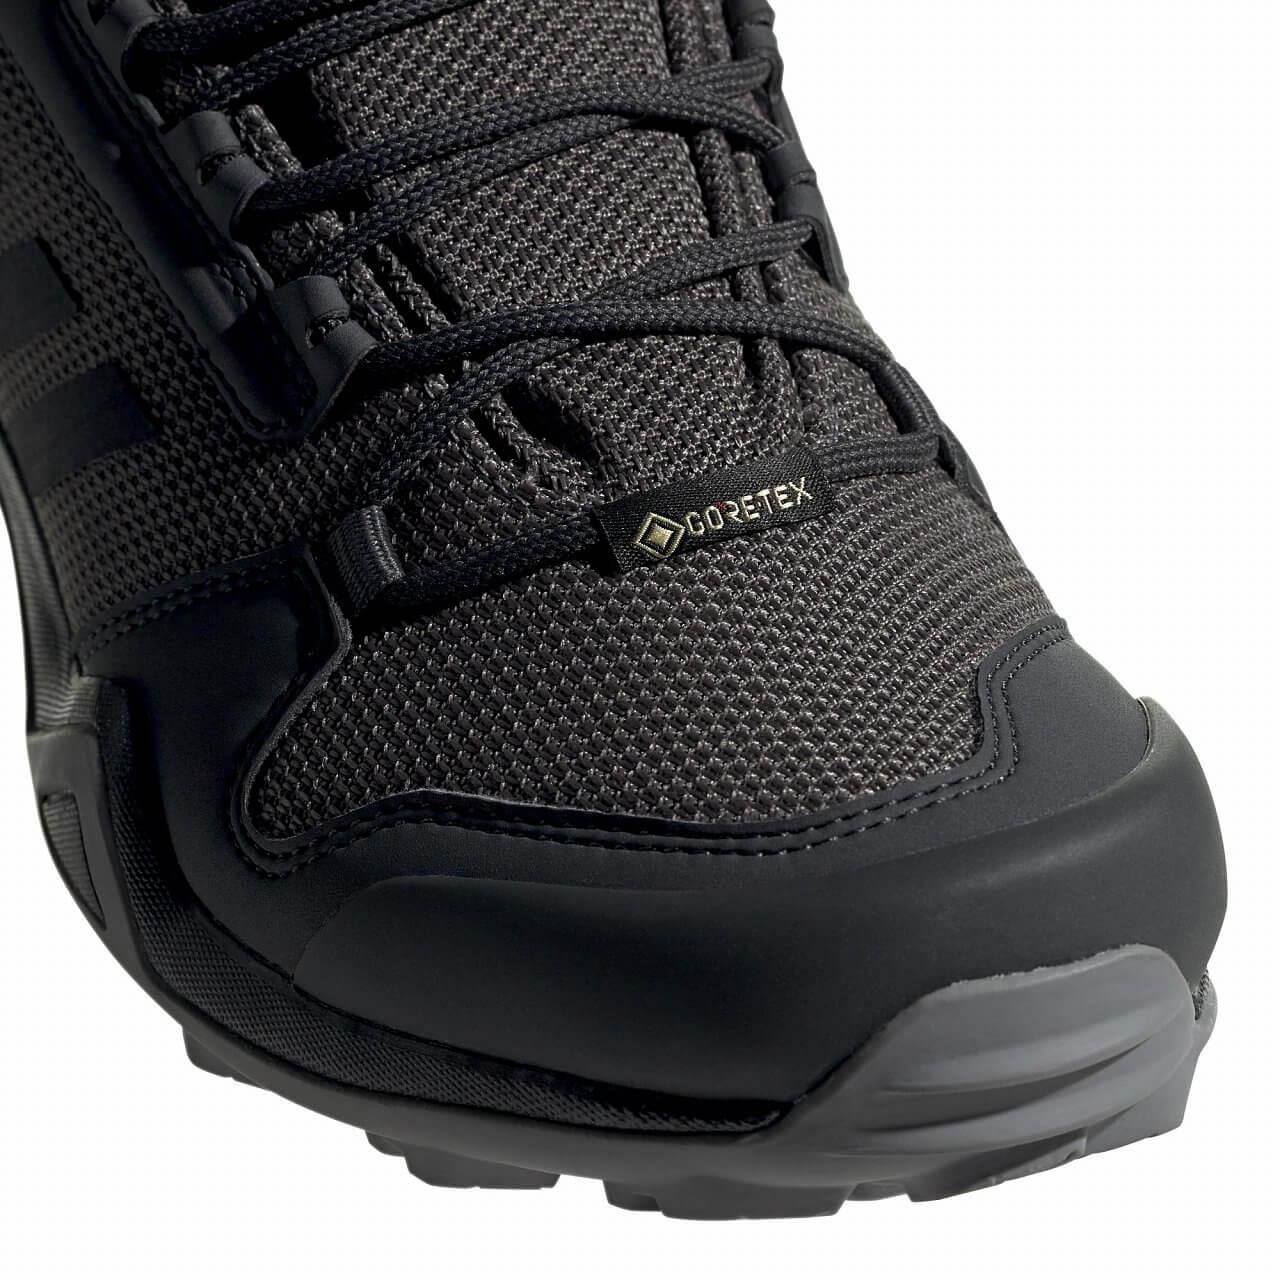 c7131776d10dc adidas Terrex AX3 Mid GTX W - dámské outdoorové boty | Sanasport.cz